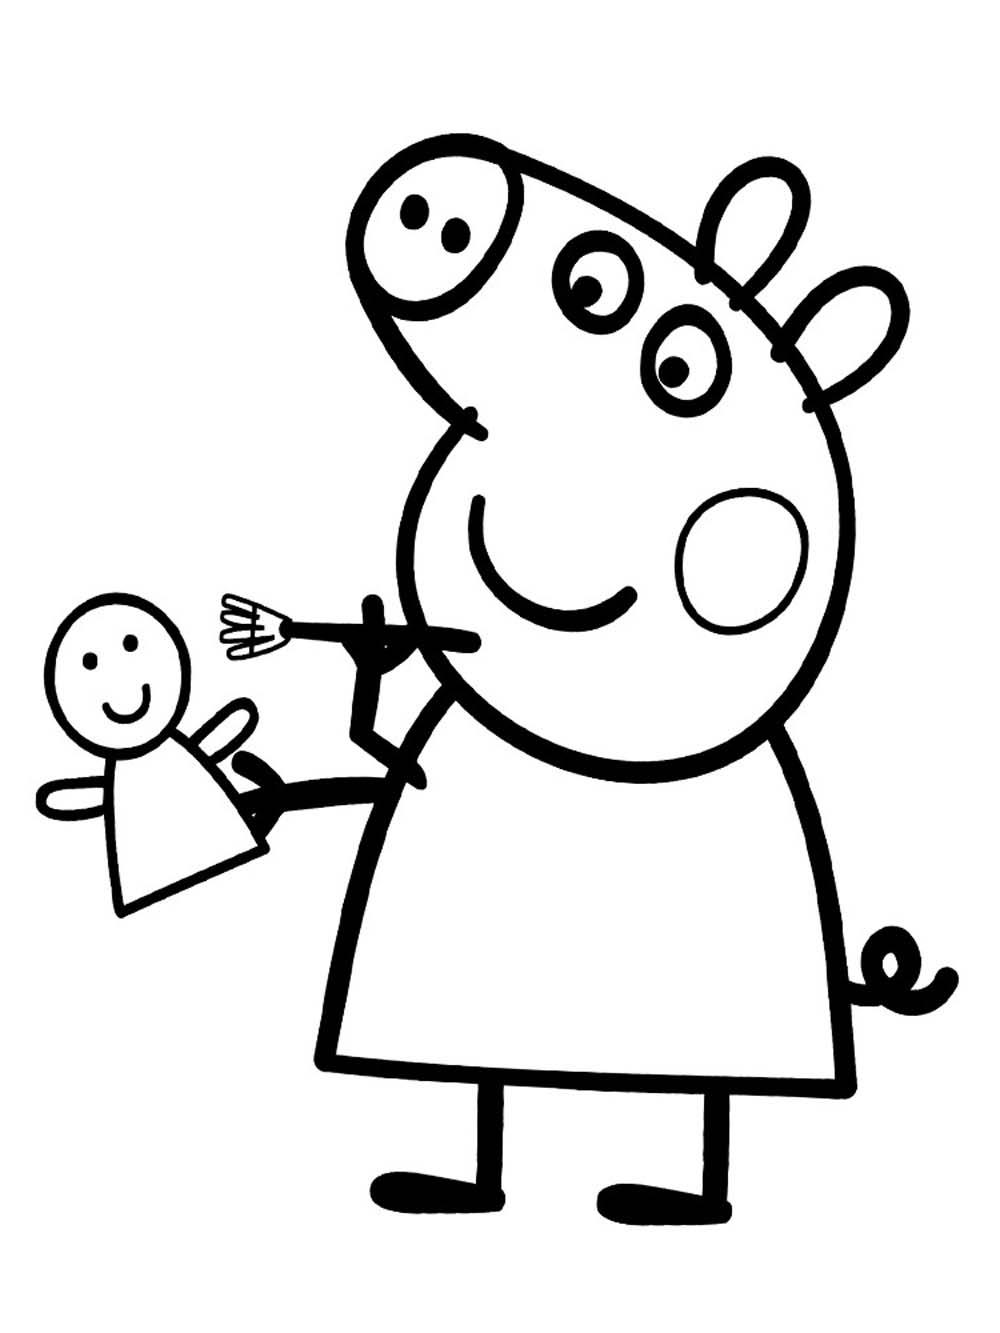 peppa-pig-jugando-con-su-juguete-imagen-para-iluminar-y